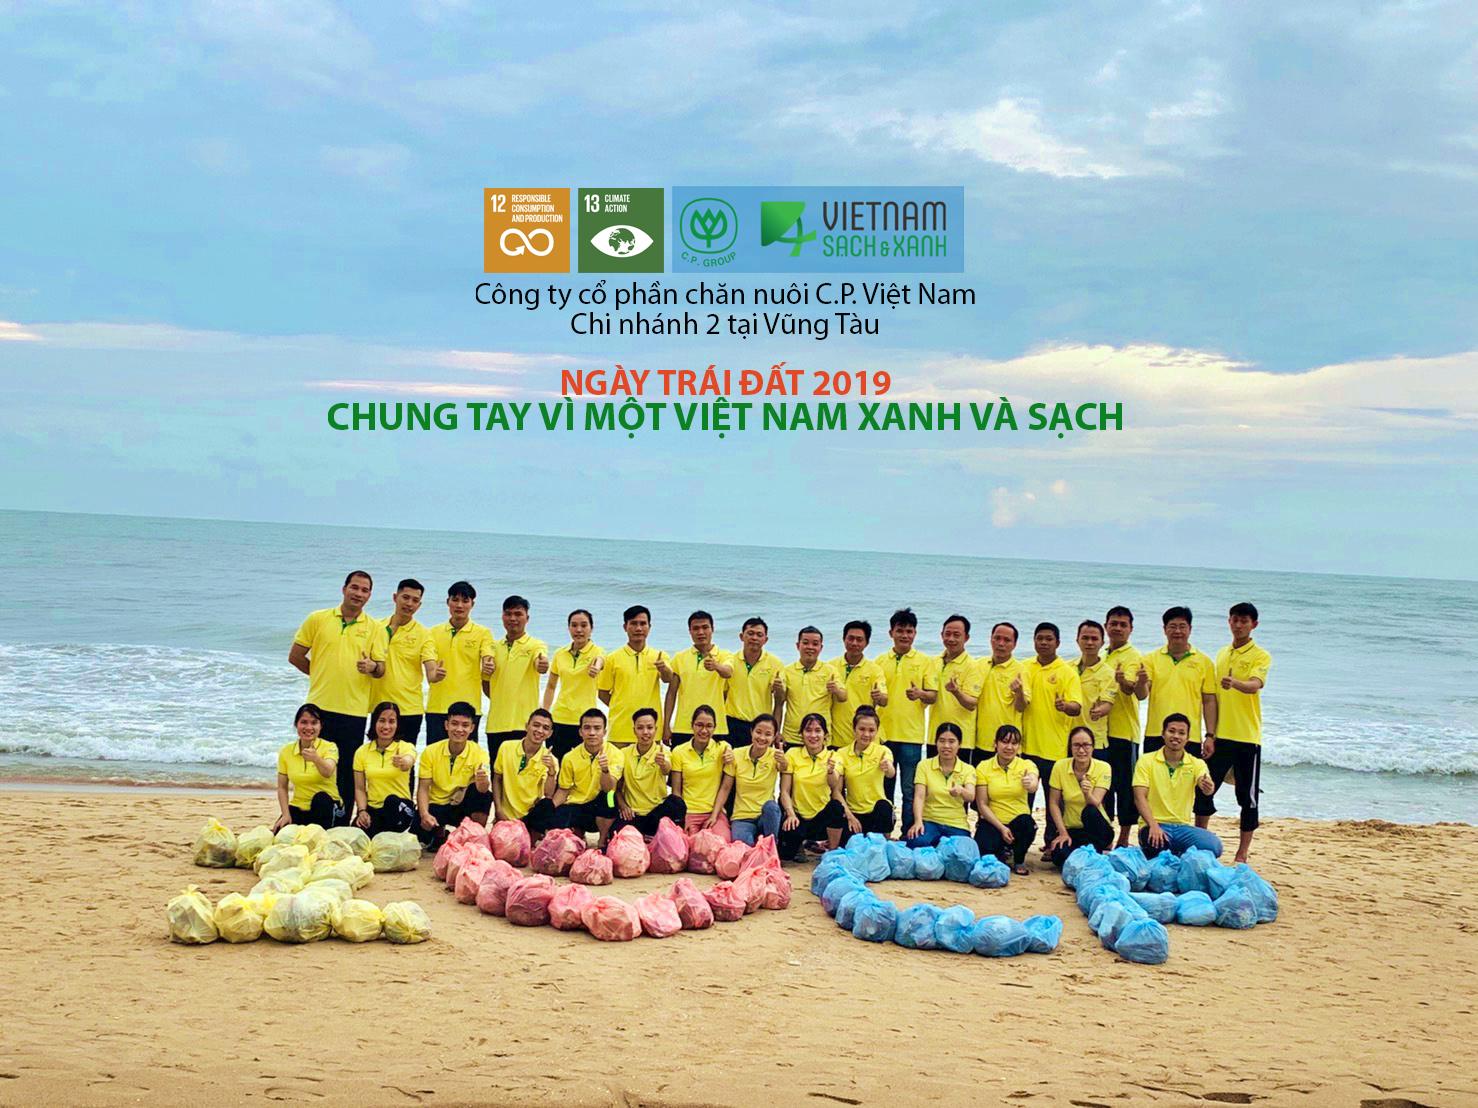 (Tiếng Việt) C.P. Việt Nam tổ chức tuyên truyền giảm rác thải nhựa cho cám bộ nhân viên công ty